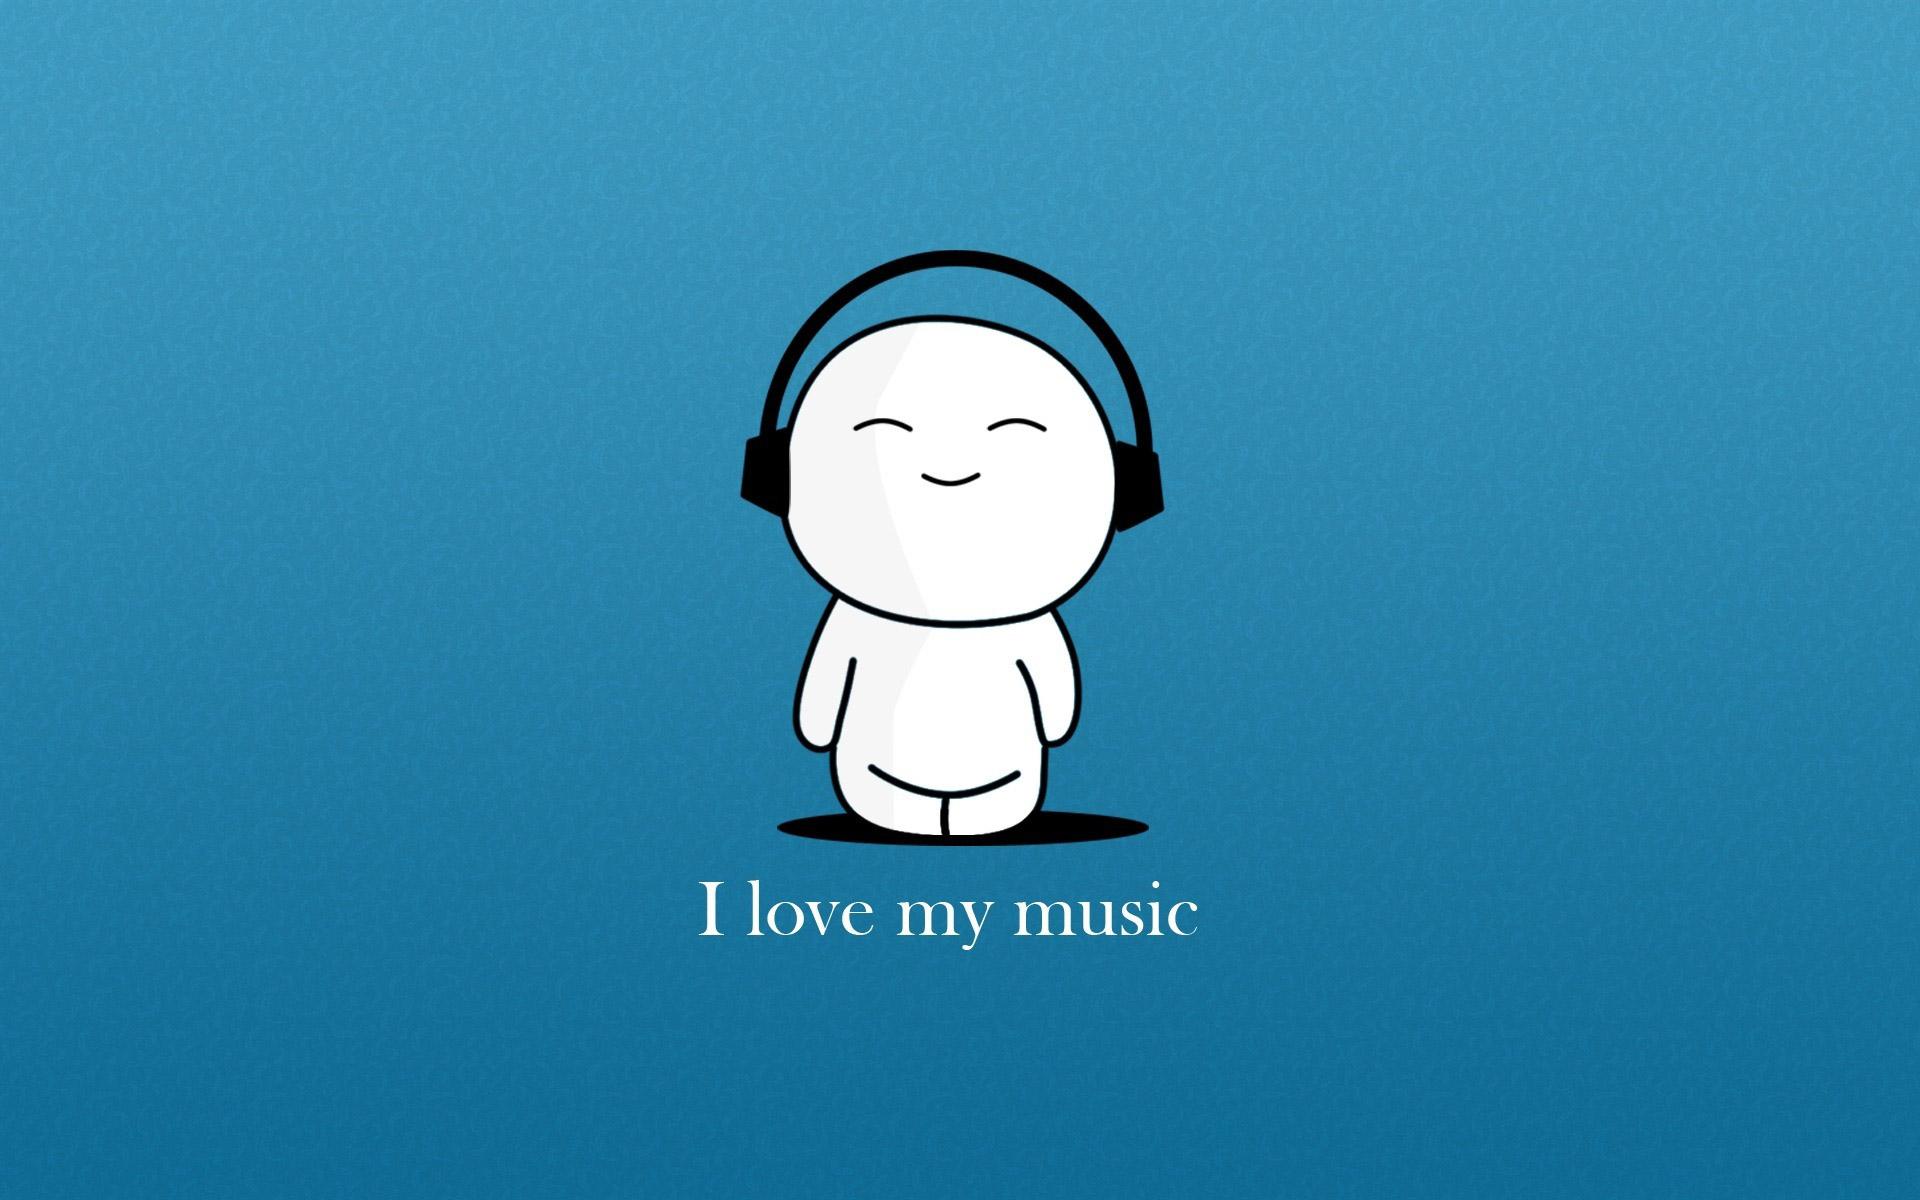 music wallpaper blue cartoon